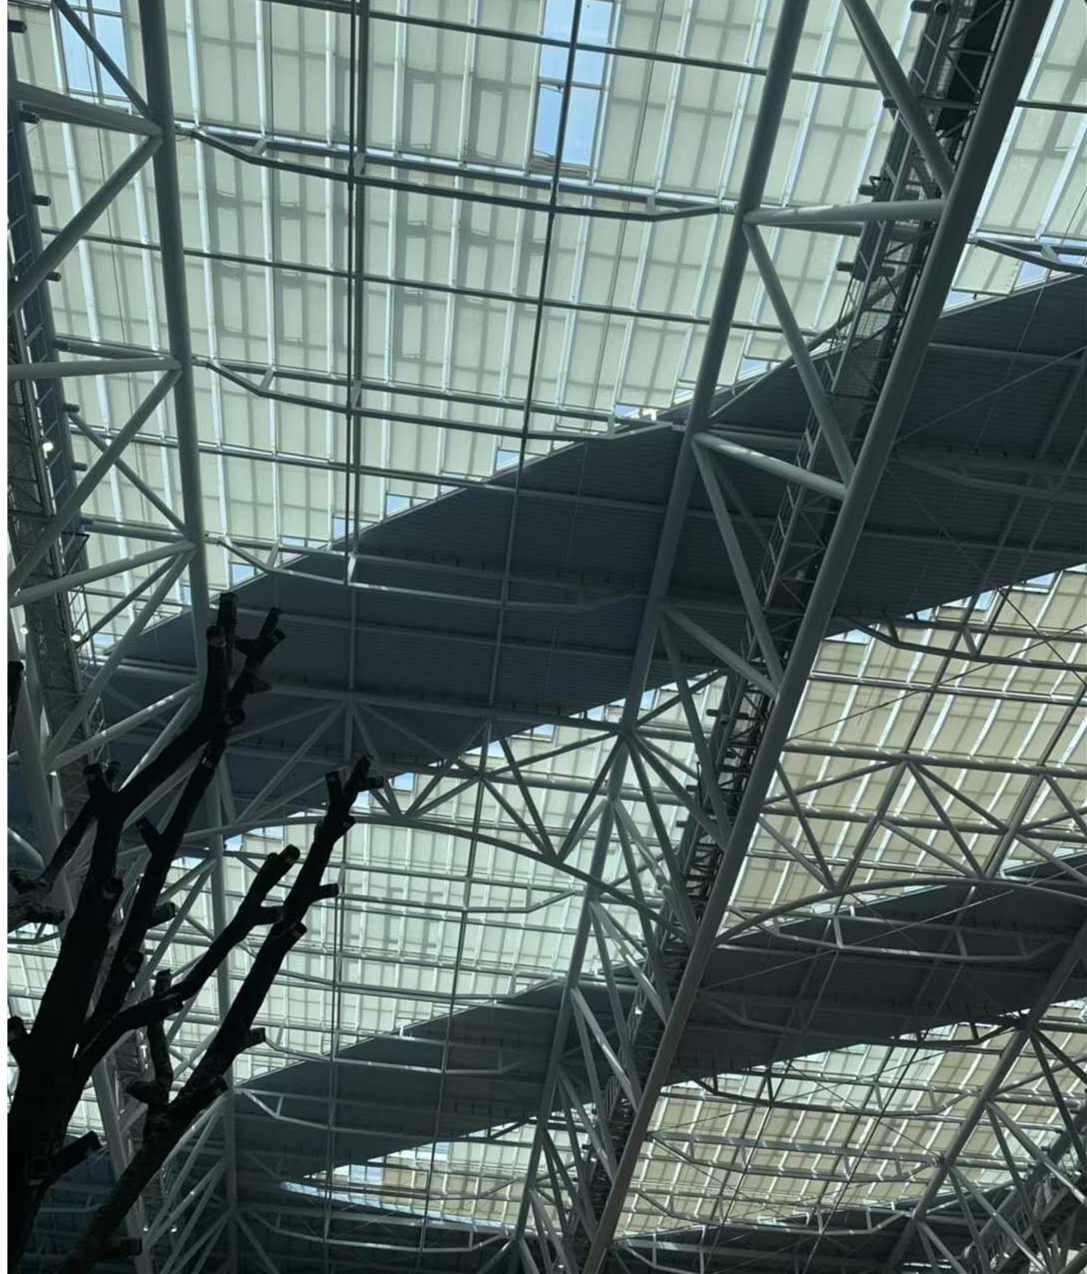 乐虎国际娱乐app下载大型天幕蓬如何安装,天幕安装过程